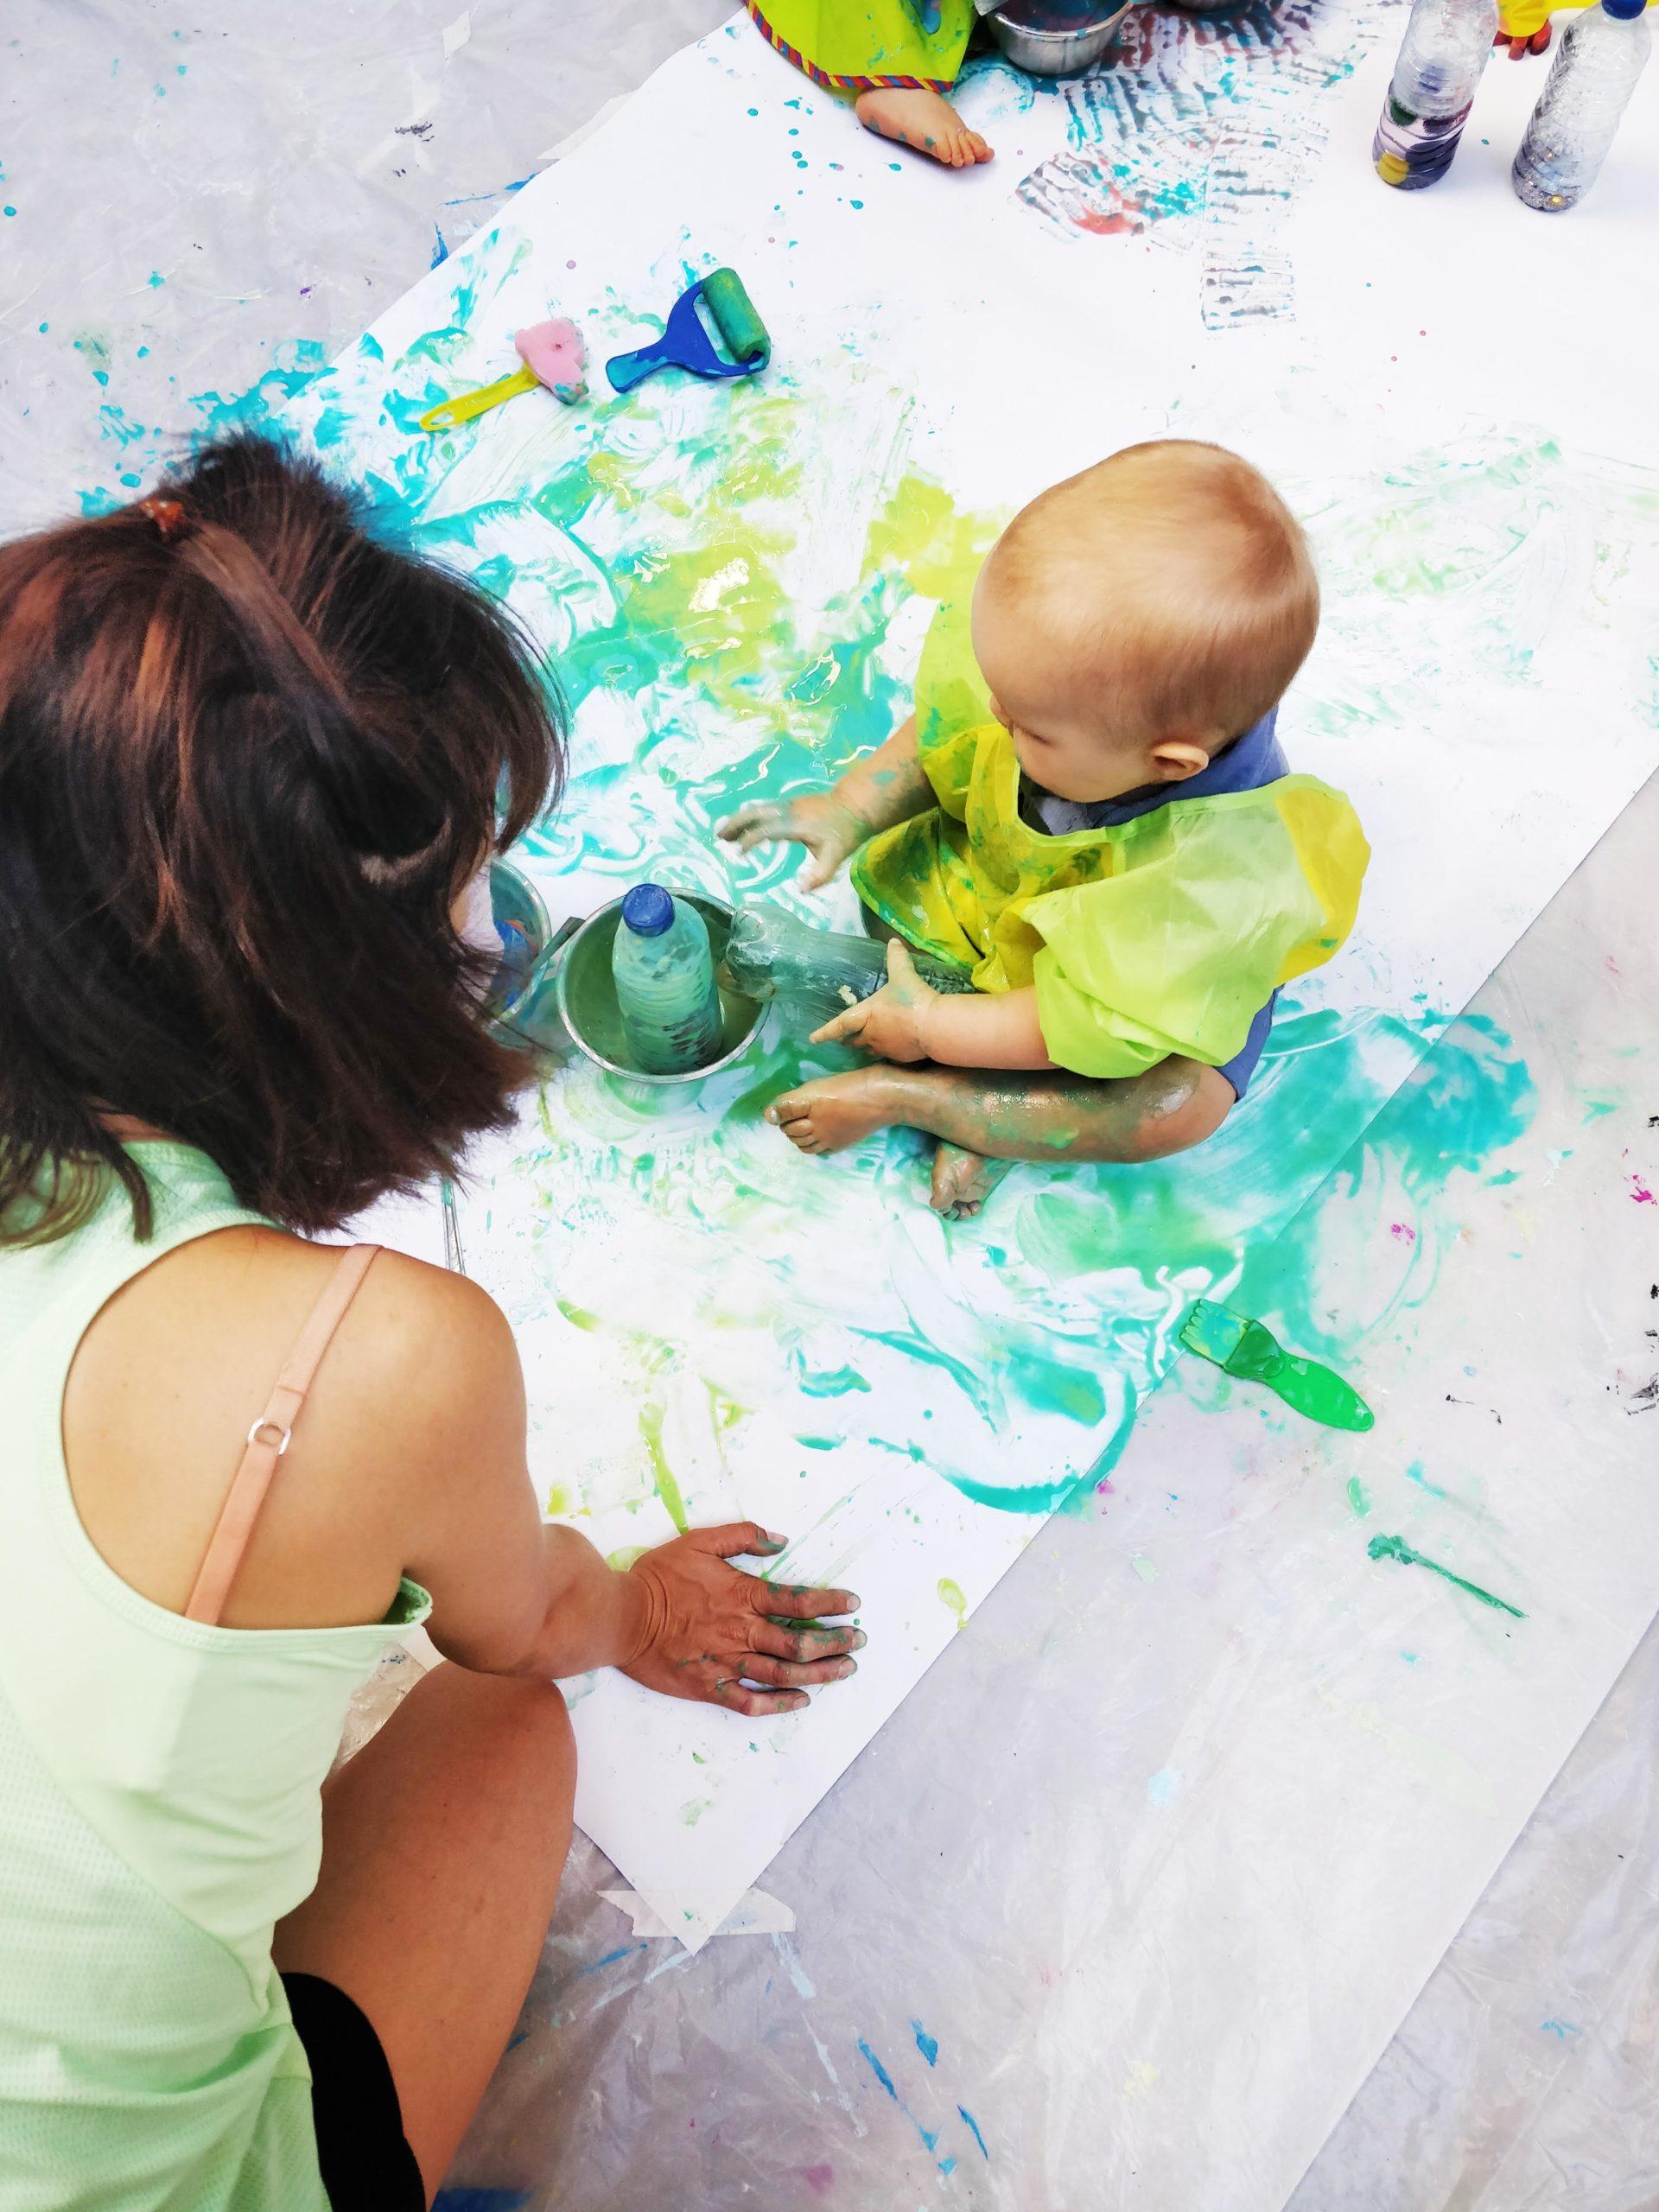 Le 25/09, atelier de peinture bébé chez 123 SOLENE, 13001 – 10H